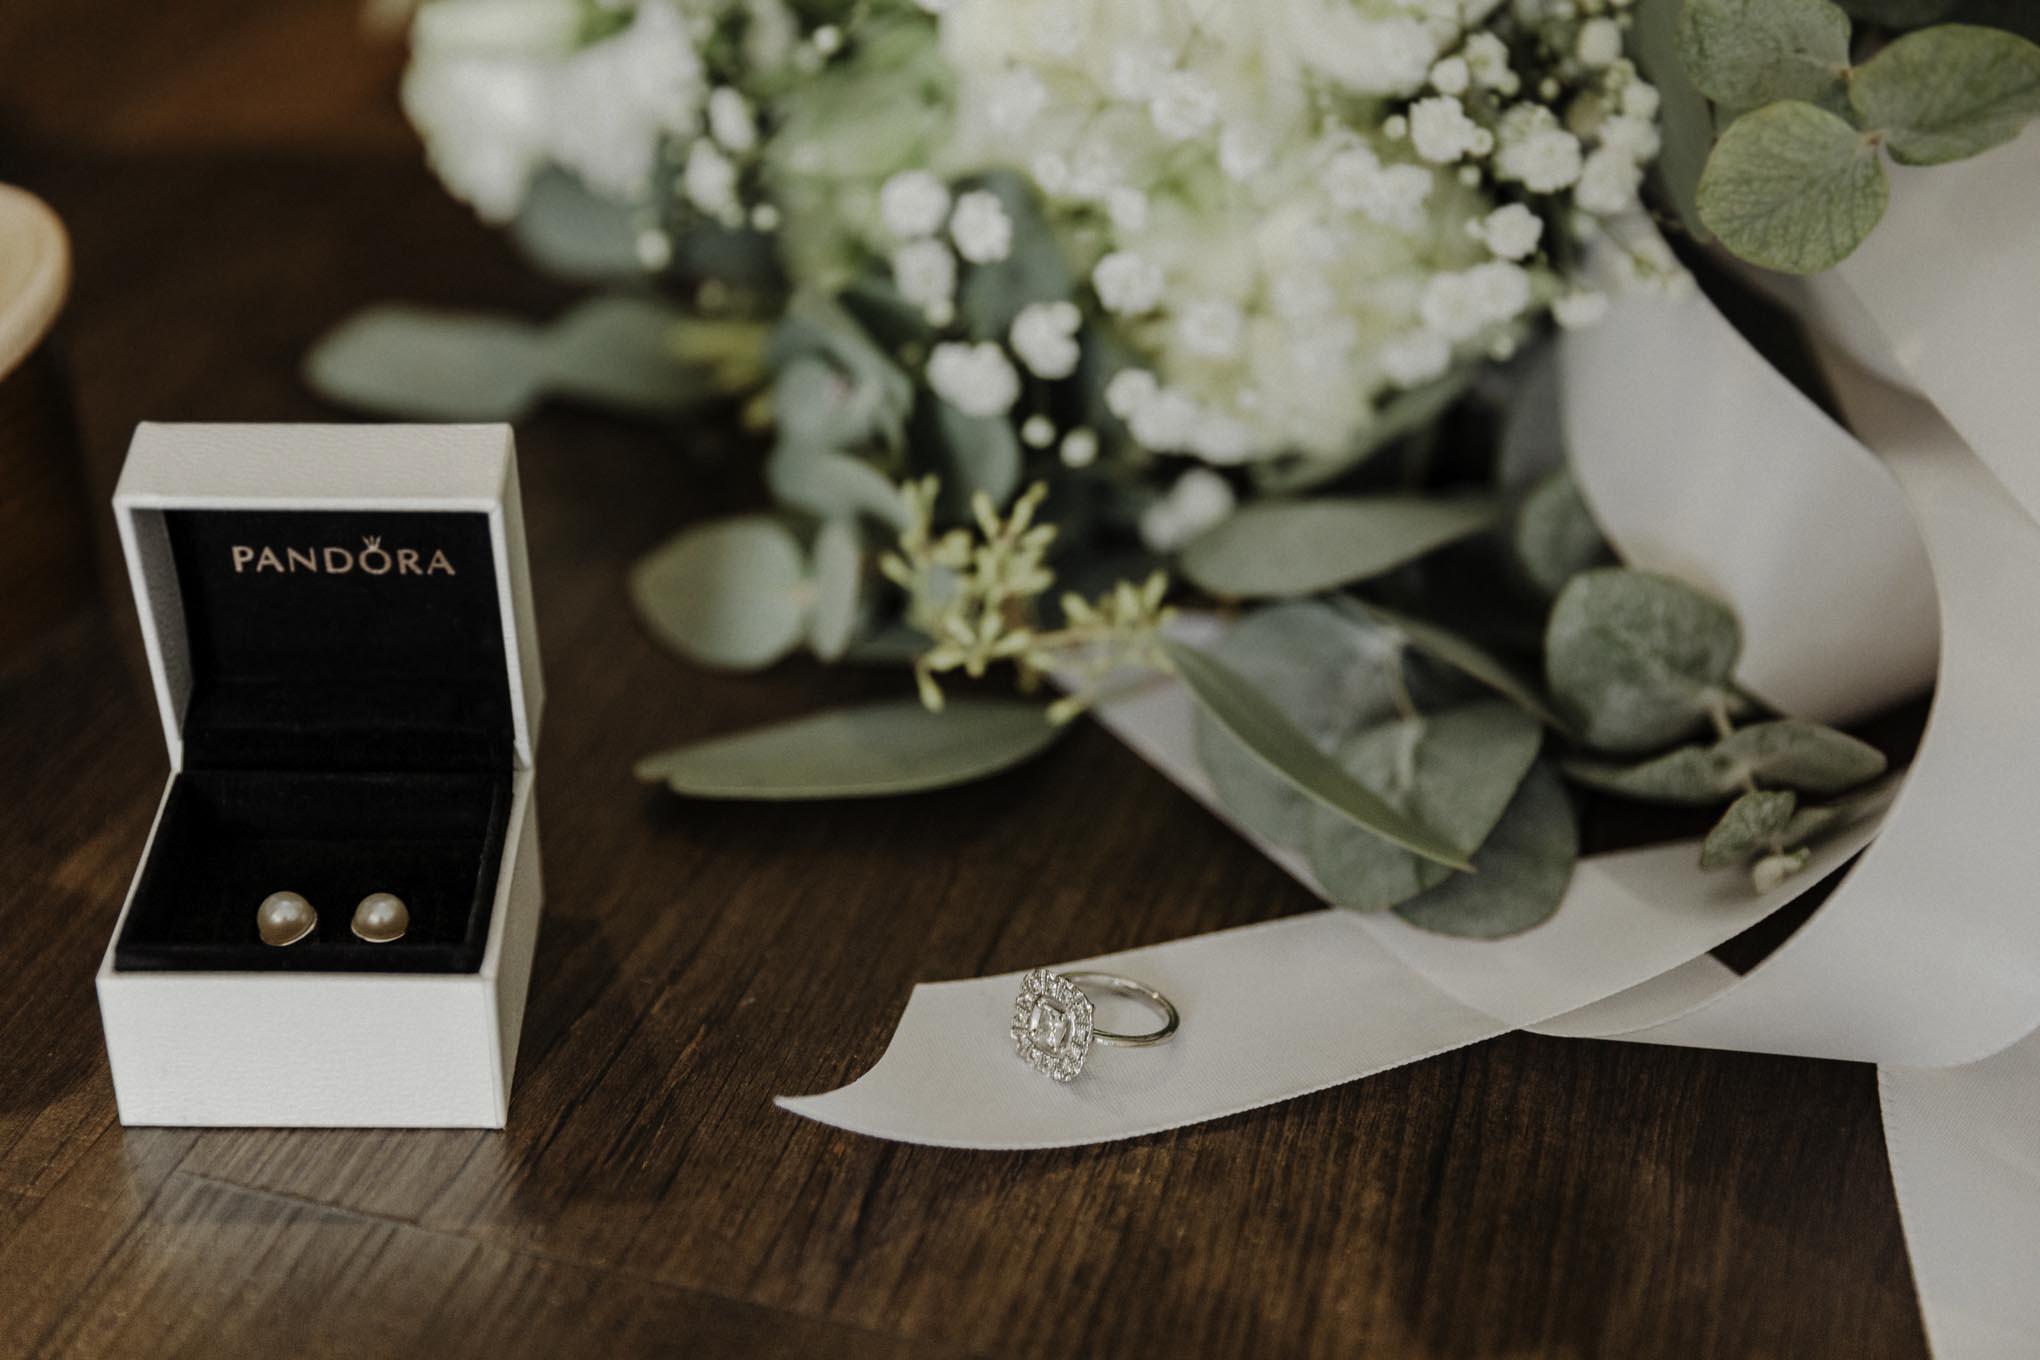 Verlobungsring im Detailfoto